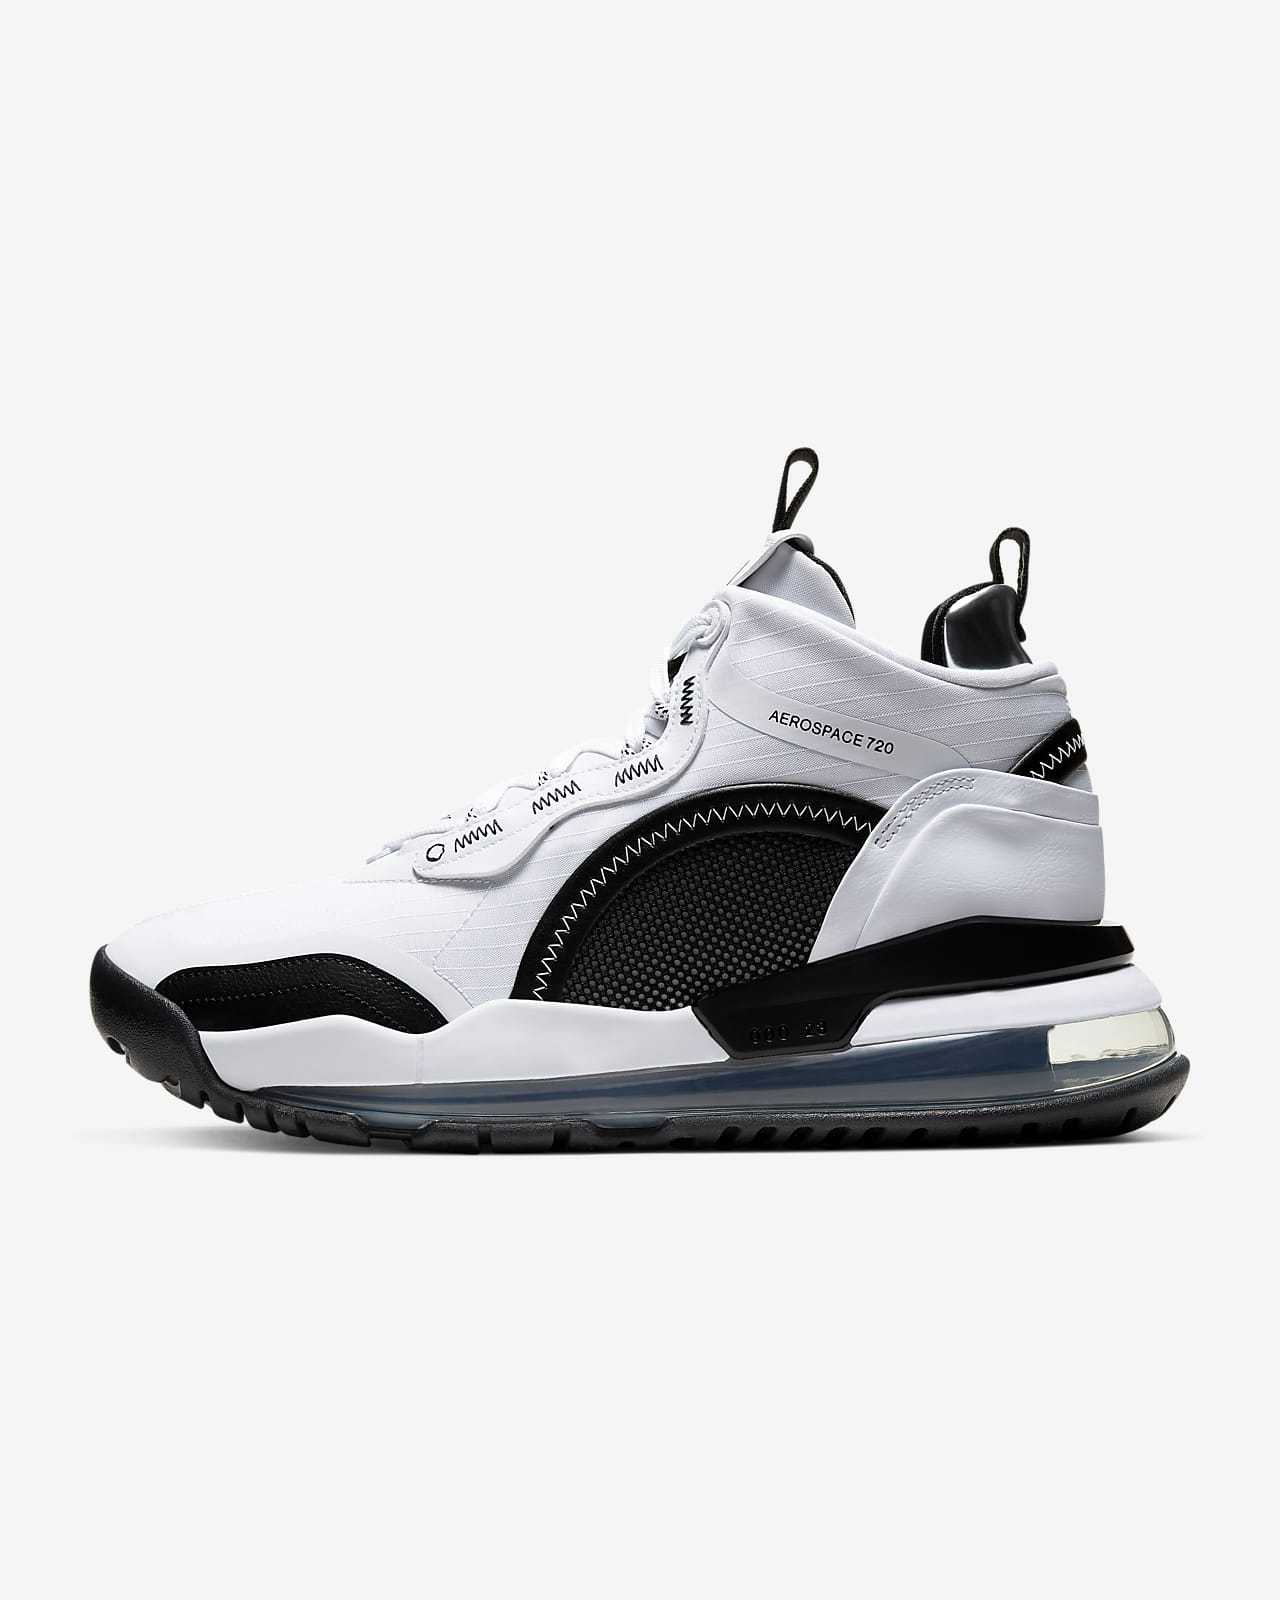 desconocido Contar Estrella  Jordan Aerospace 720 Zapatillas - Hombre. Nike ES